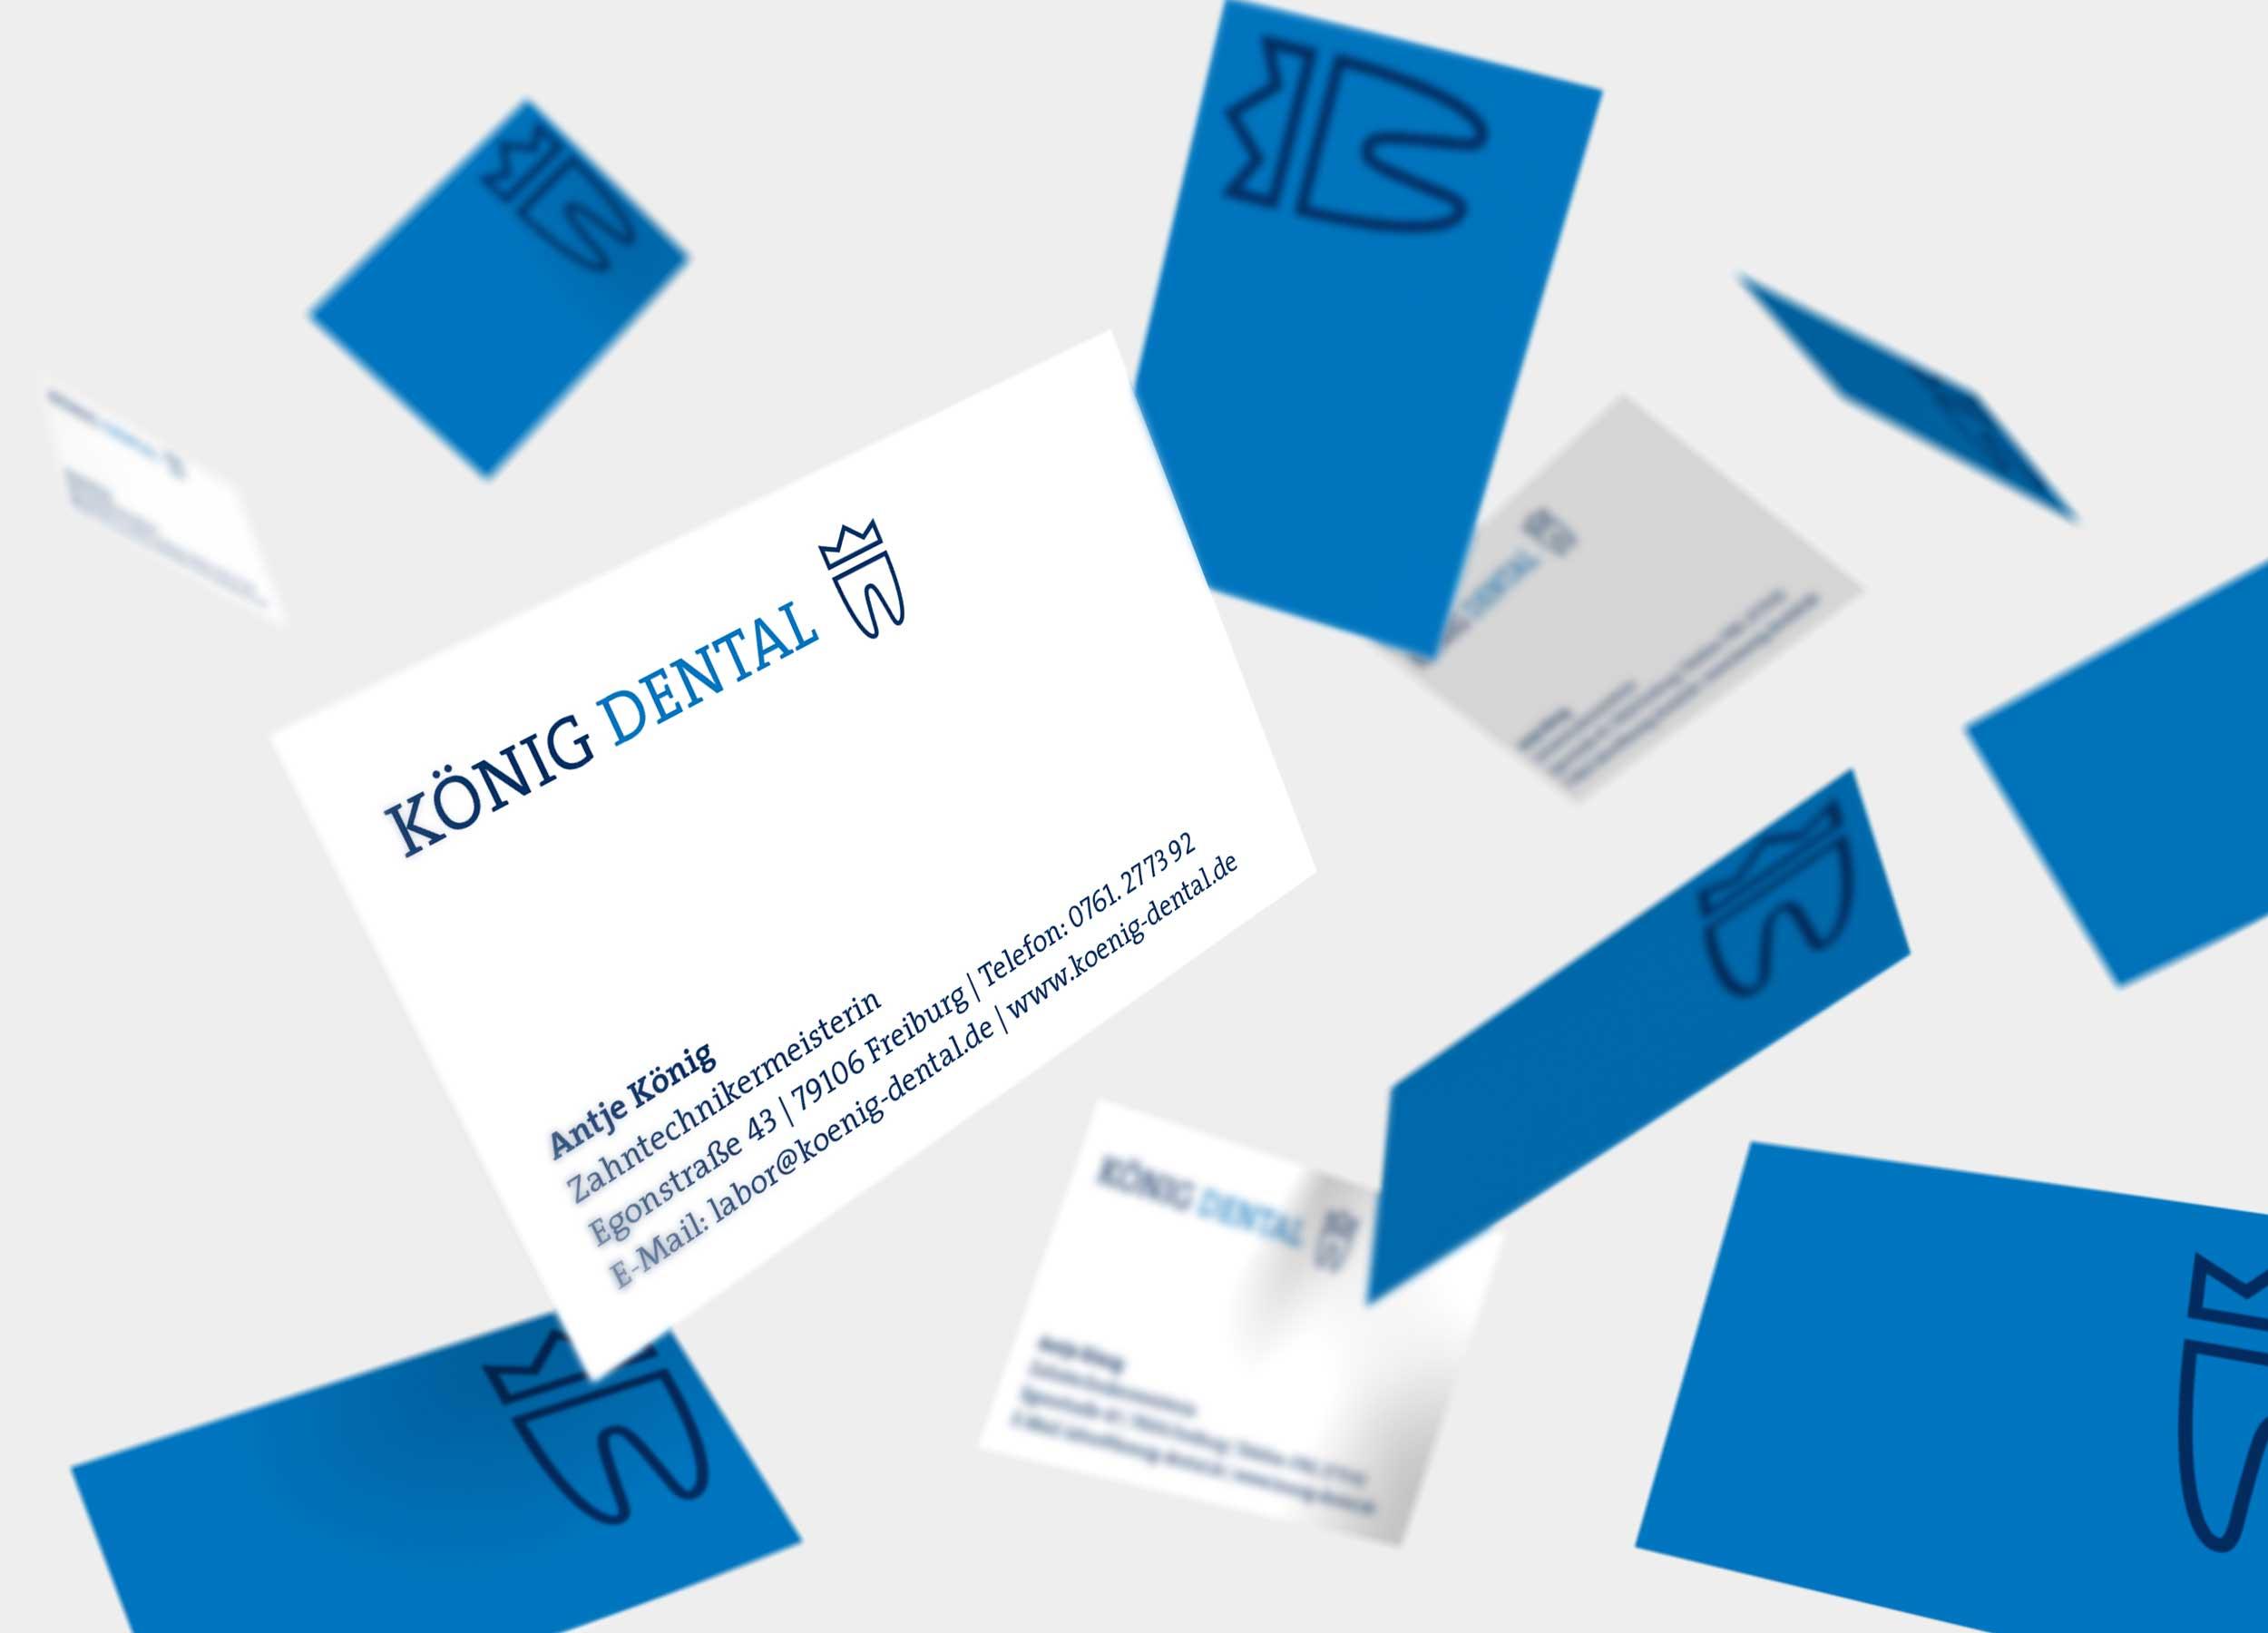 Koenig_Dental_Visitenkarte_quer_Web